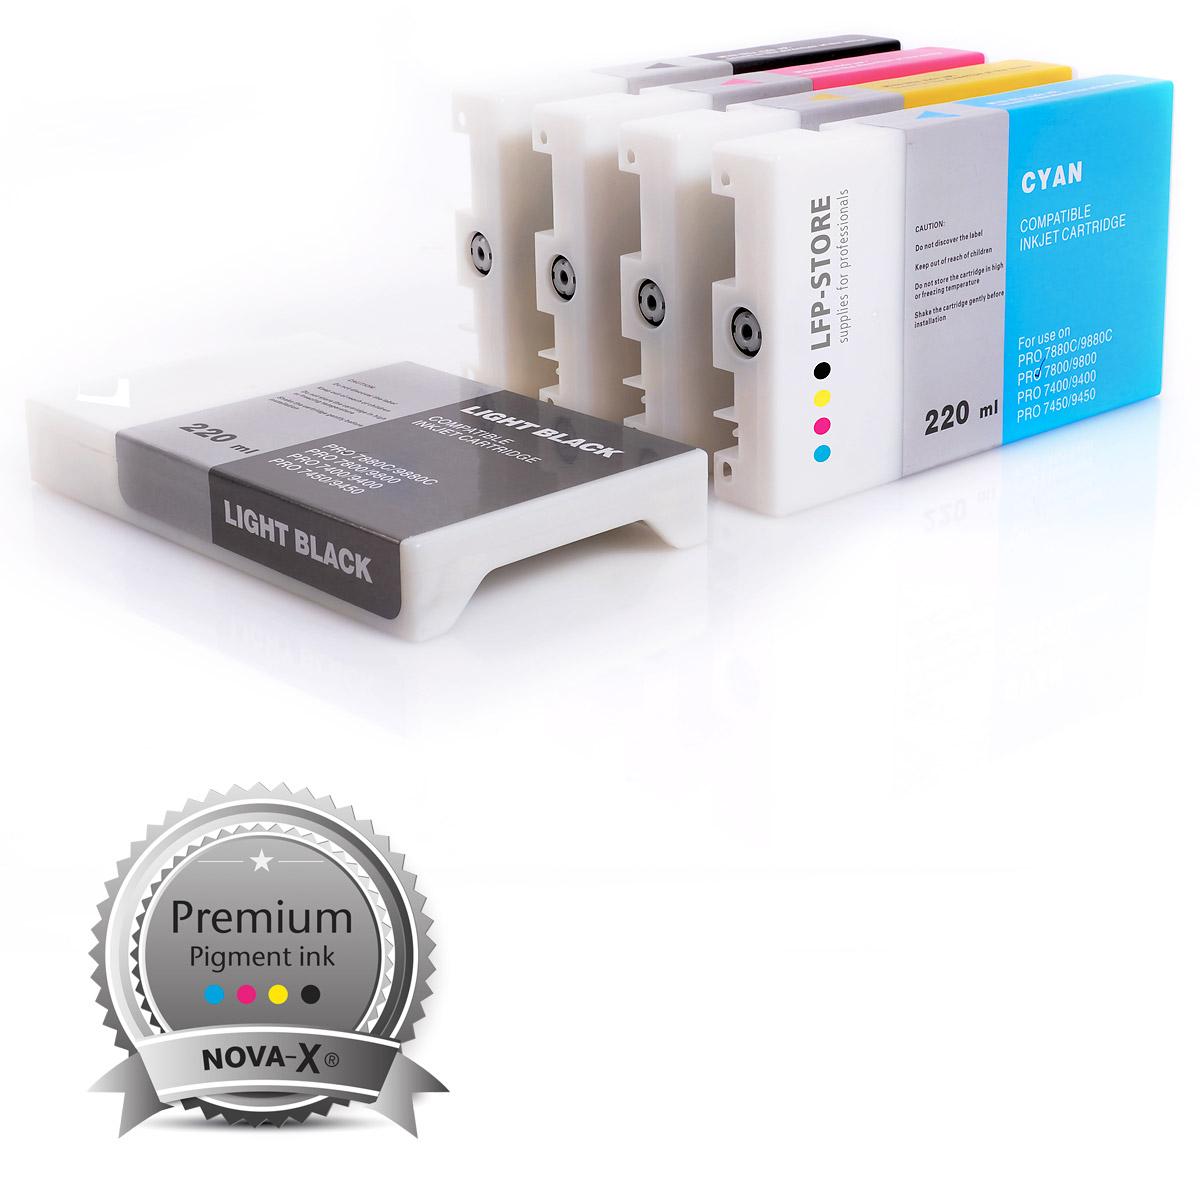 8x Tintenpatronen 220ml NOVA-X® K3V kompatibel zu Epson® Stylus Pro 7880 | 9880